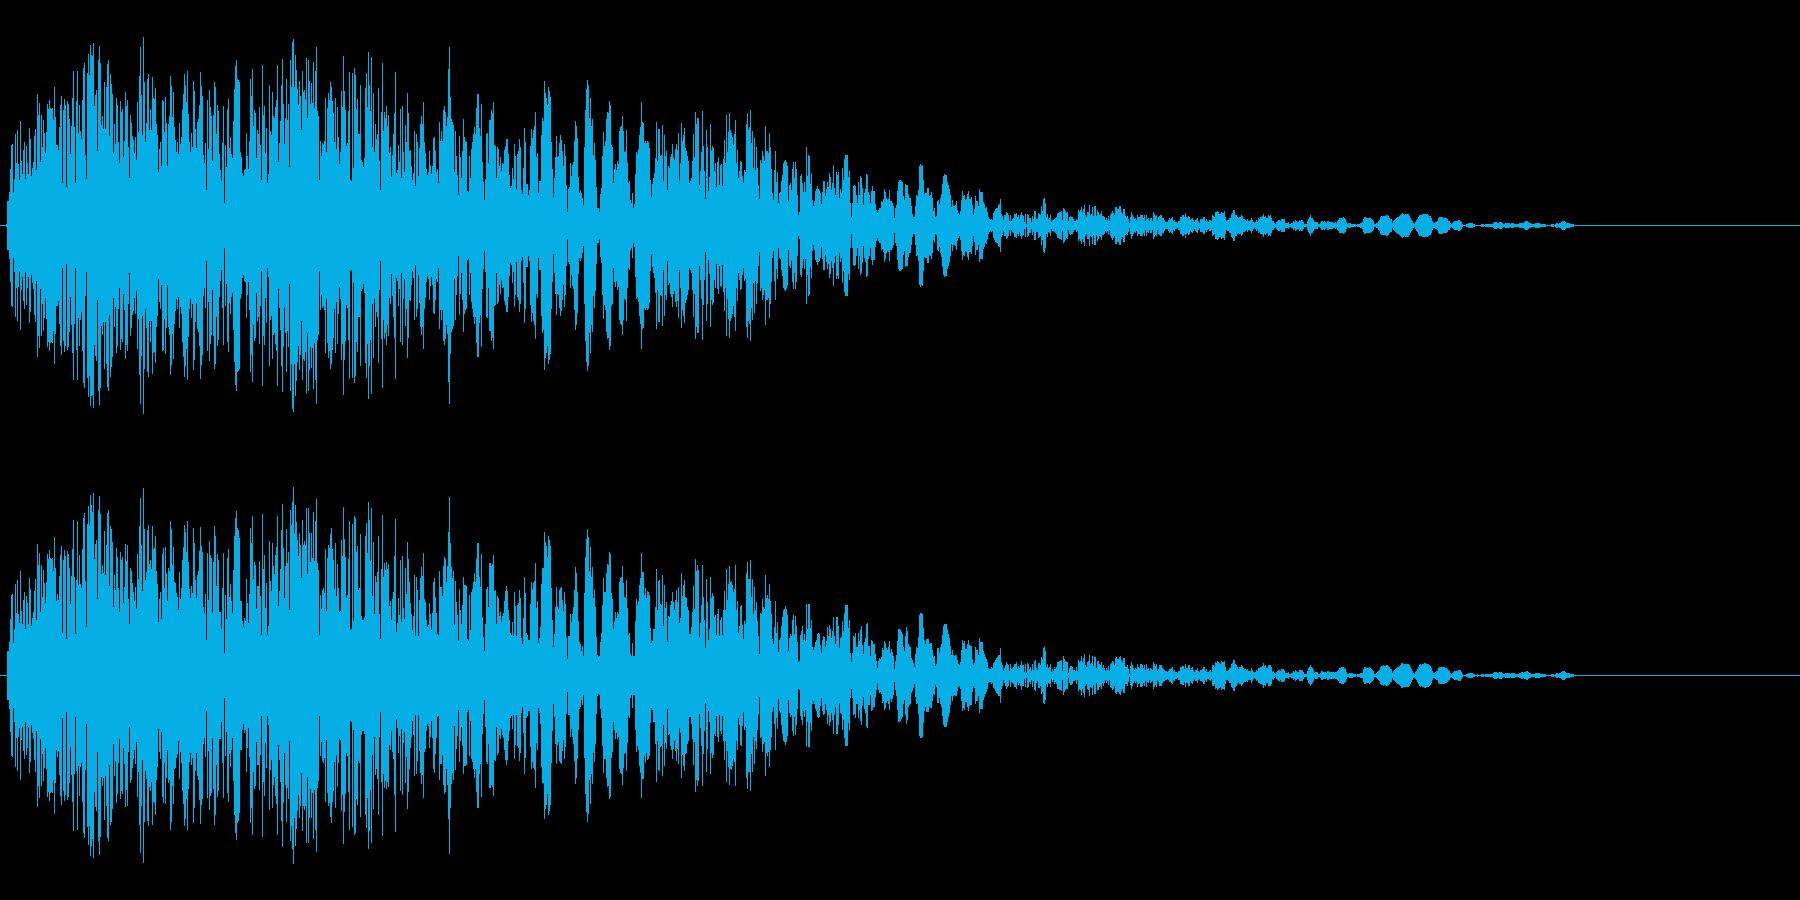 アニメにありそうなメカの挙動音や足音の再生済みの波形